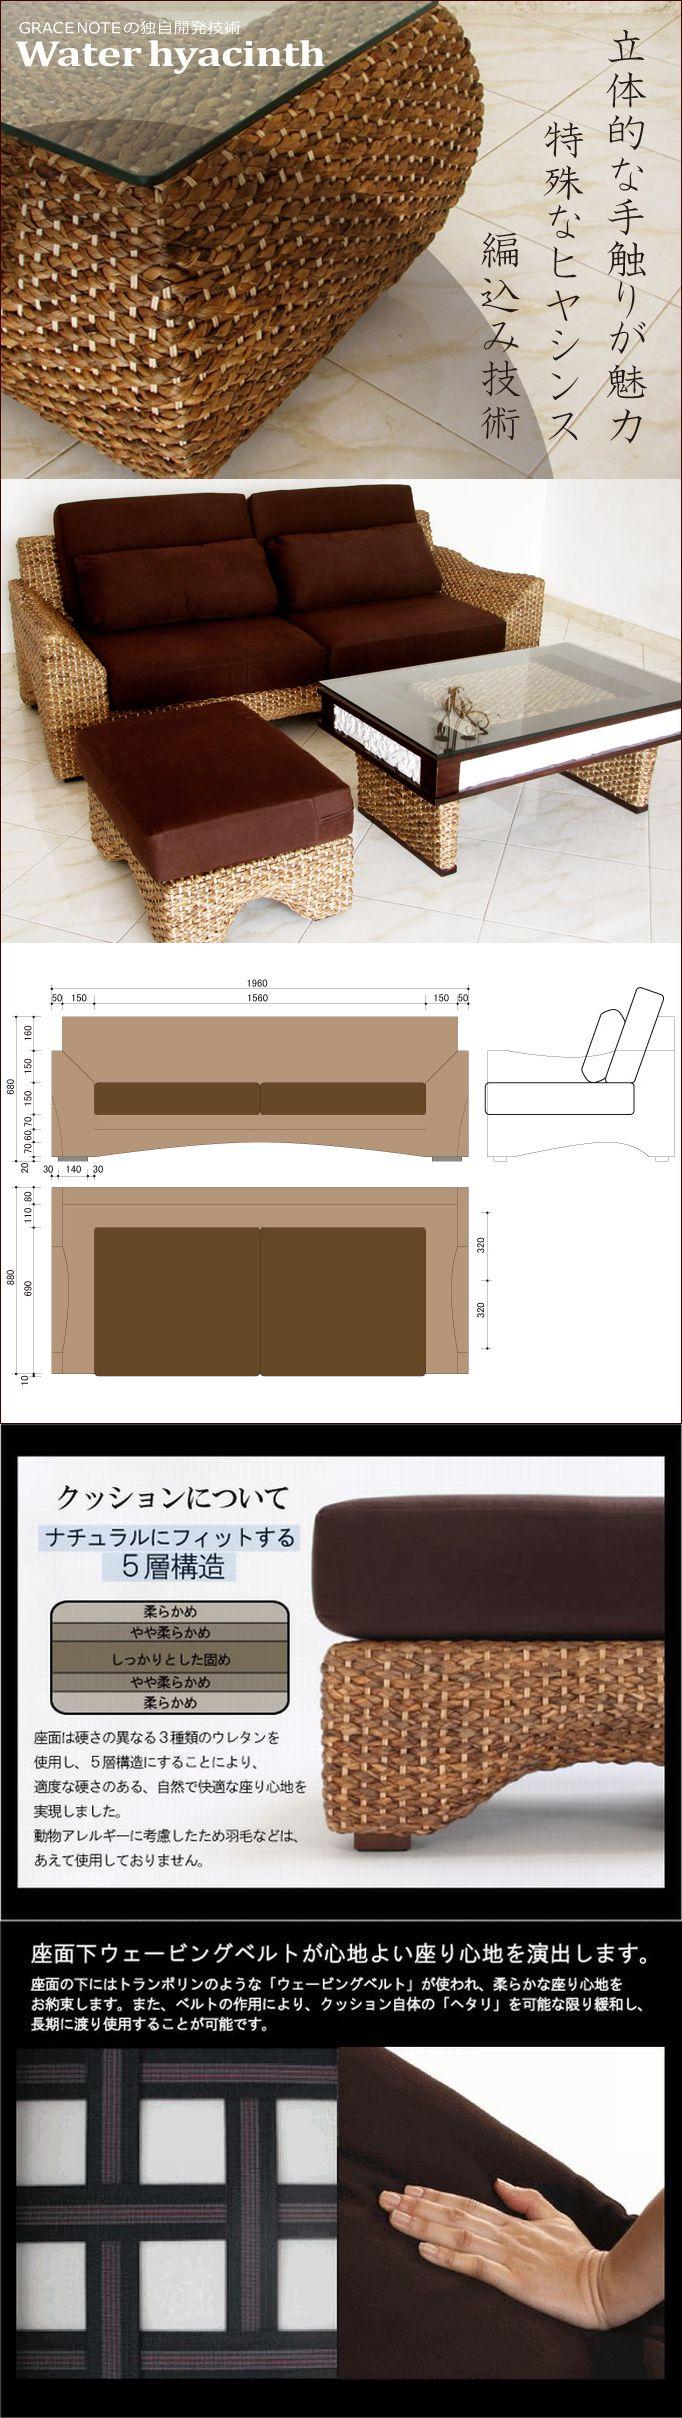 アジアン家具,バリ家具,ソファ,デイベッド,カウチソファ, グレイスノート家具,ウォーターヒヤシンス家具